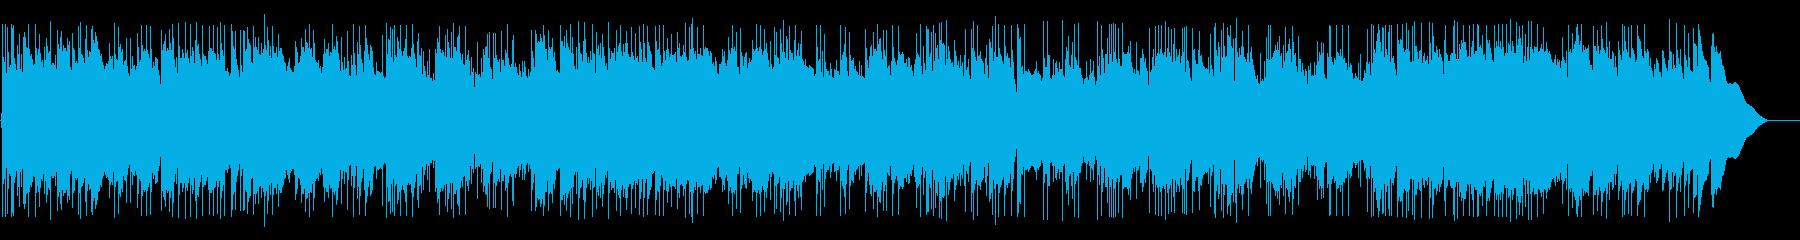 まったりと朗らかなアコギサウンドの再生済みの波形